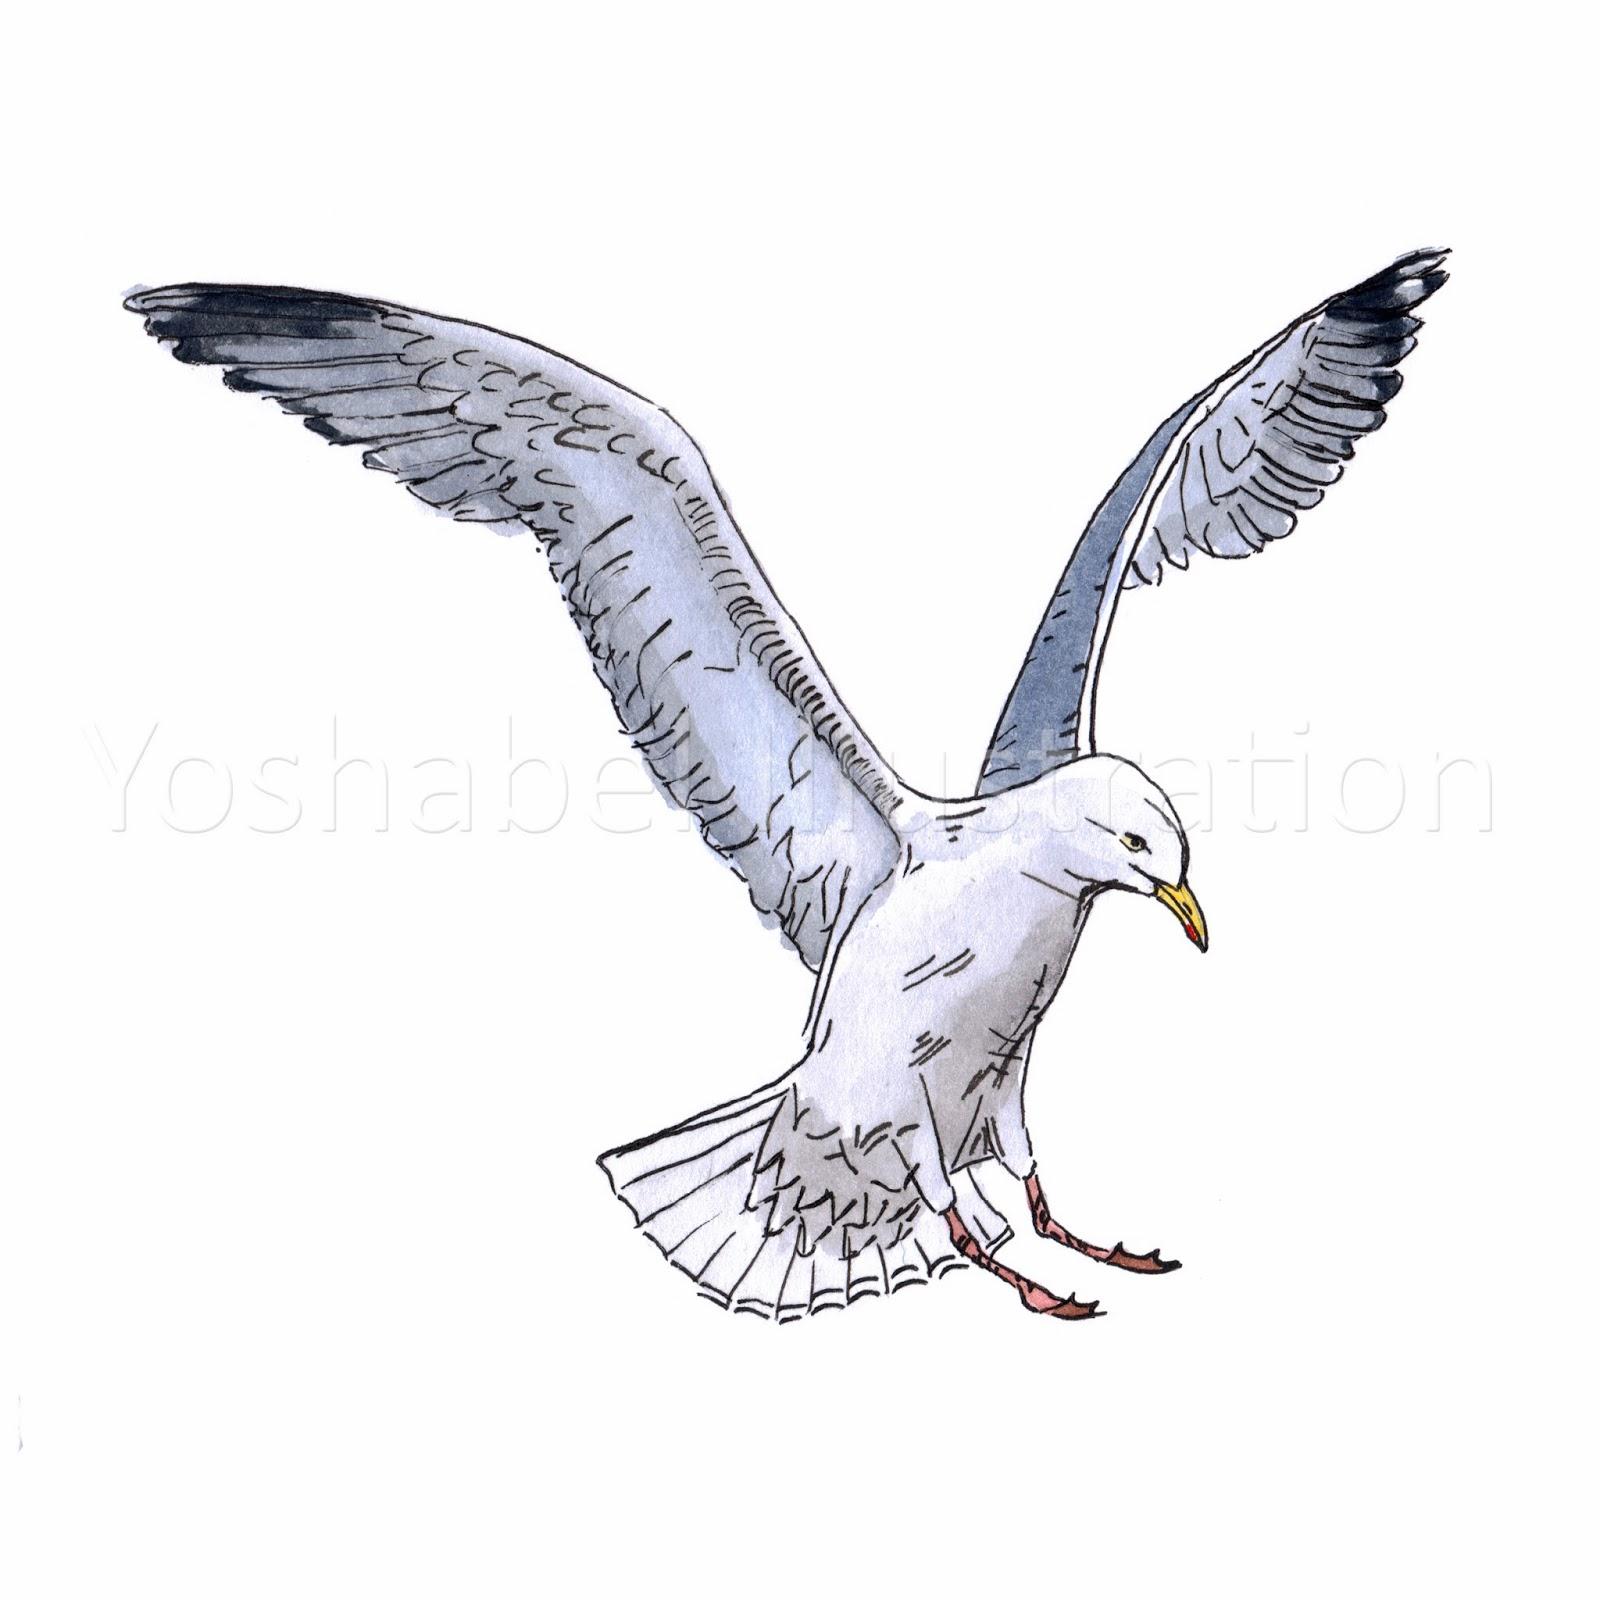 Yoshabel Illustration: Seagull & Seahorse: sophieyoshabel.blogspot.com/2014/02/blog-post.html